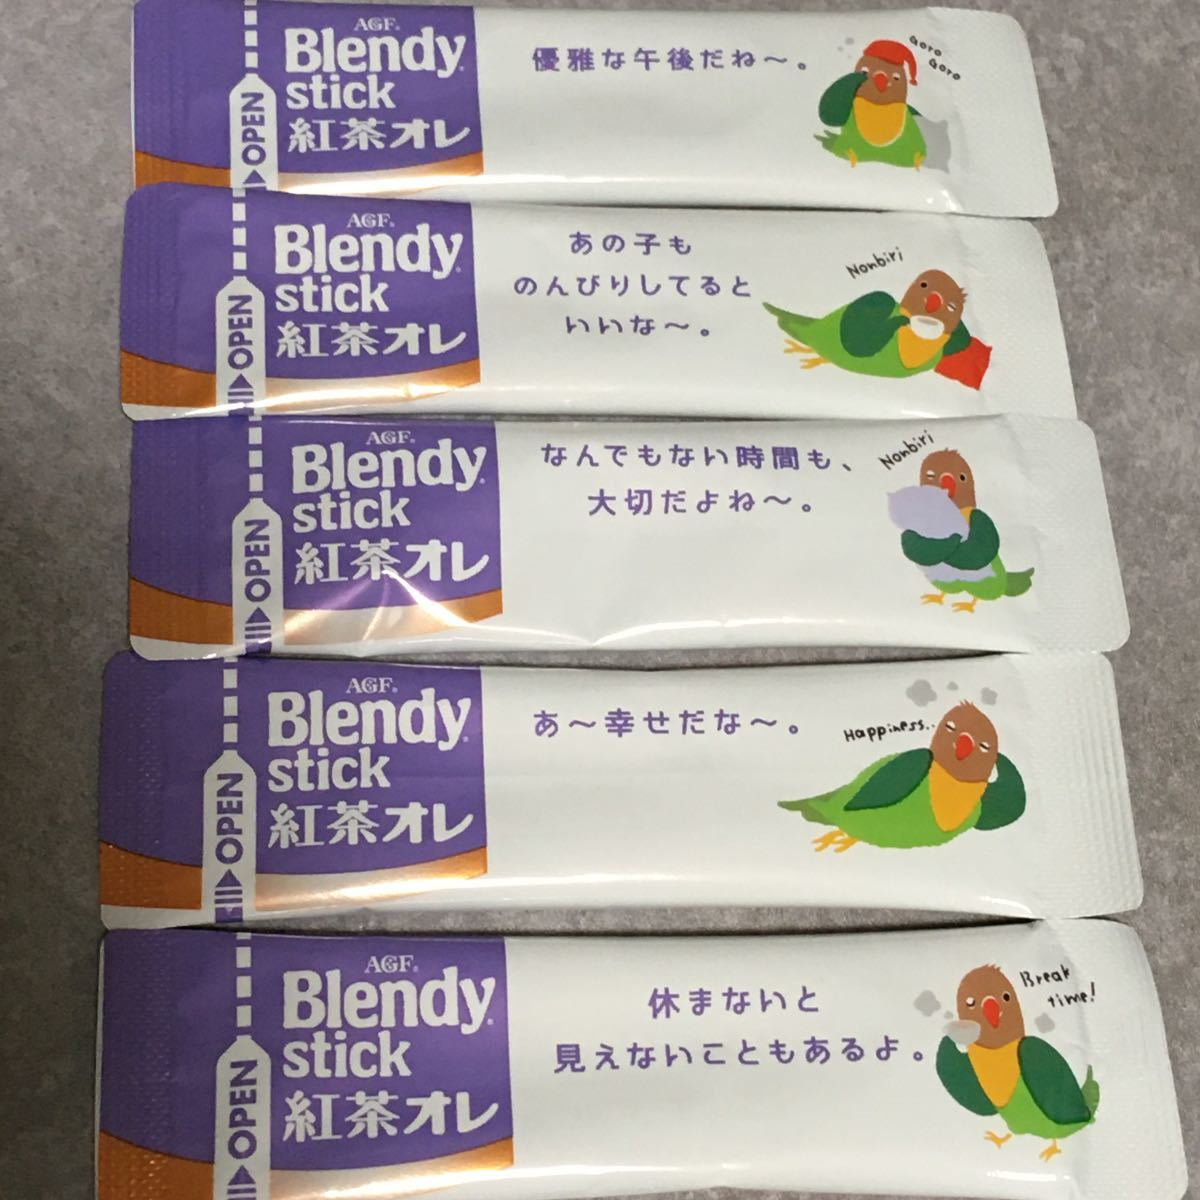 AGF ブレンディ スティック紅茶オレ 7本 毎日お疲れさまですほっこりセット